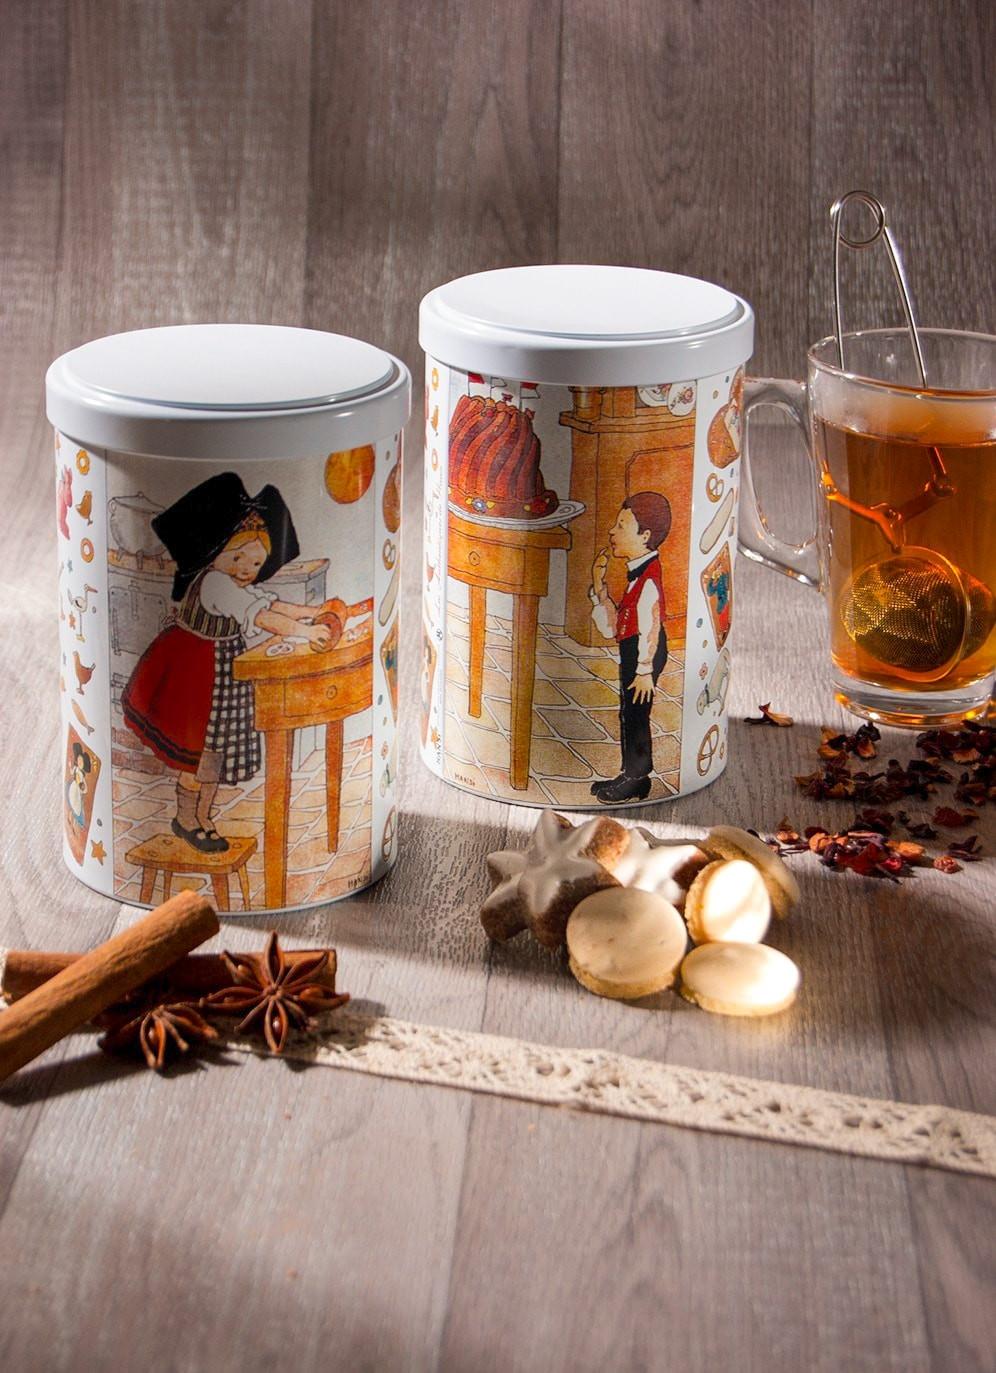 Tea tin with Hansi